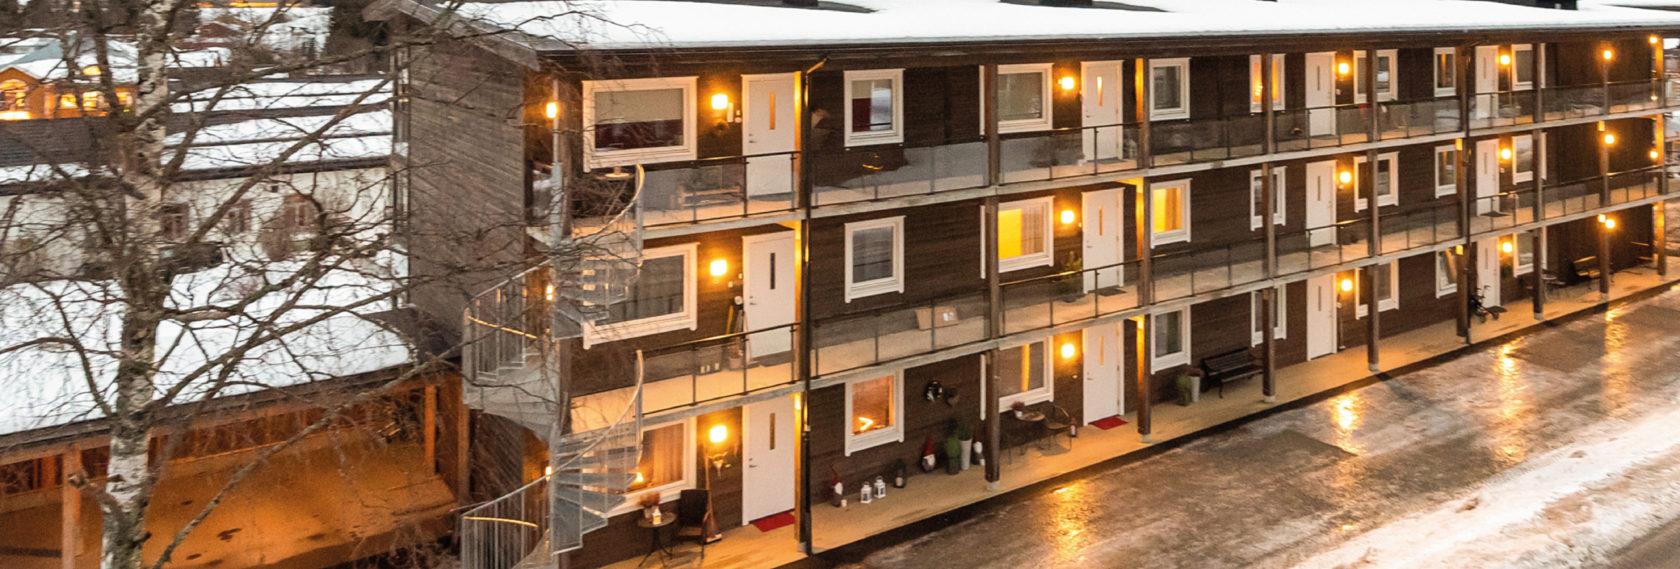 Bilde av leiligheter til leie i Trysil sentrum via booktrysilonline